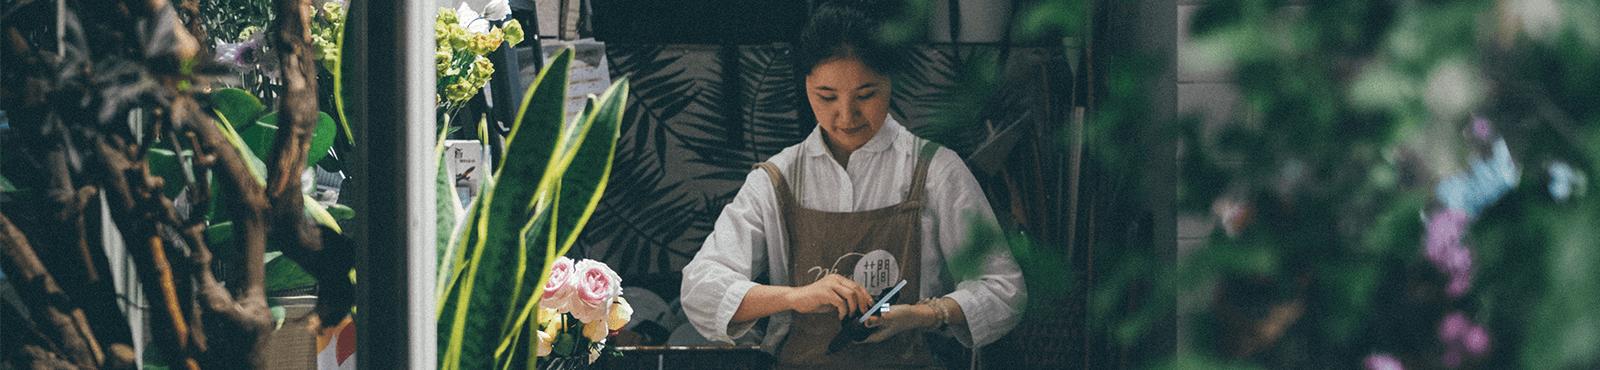 Für wen gilt die Kleinunternehmerregelung?